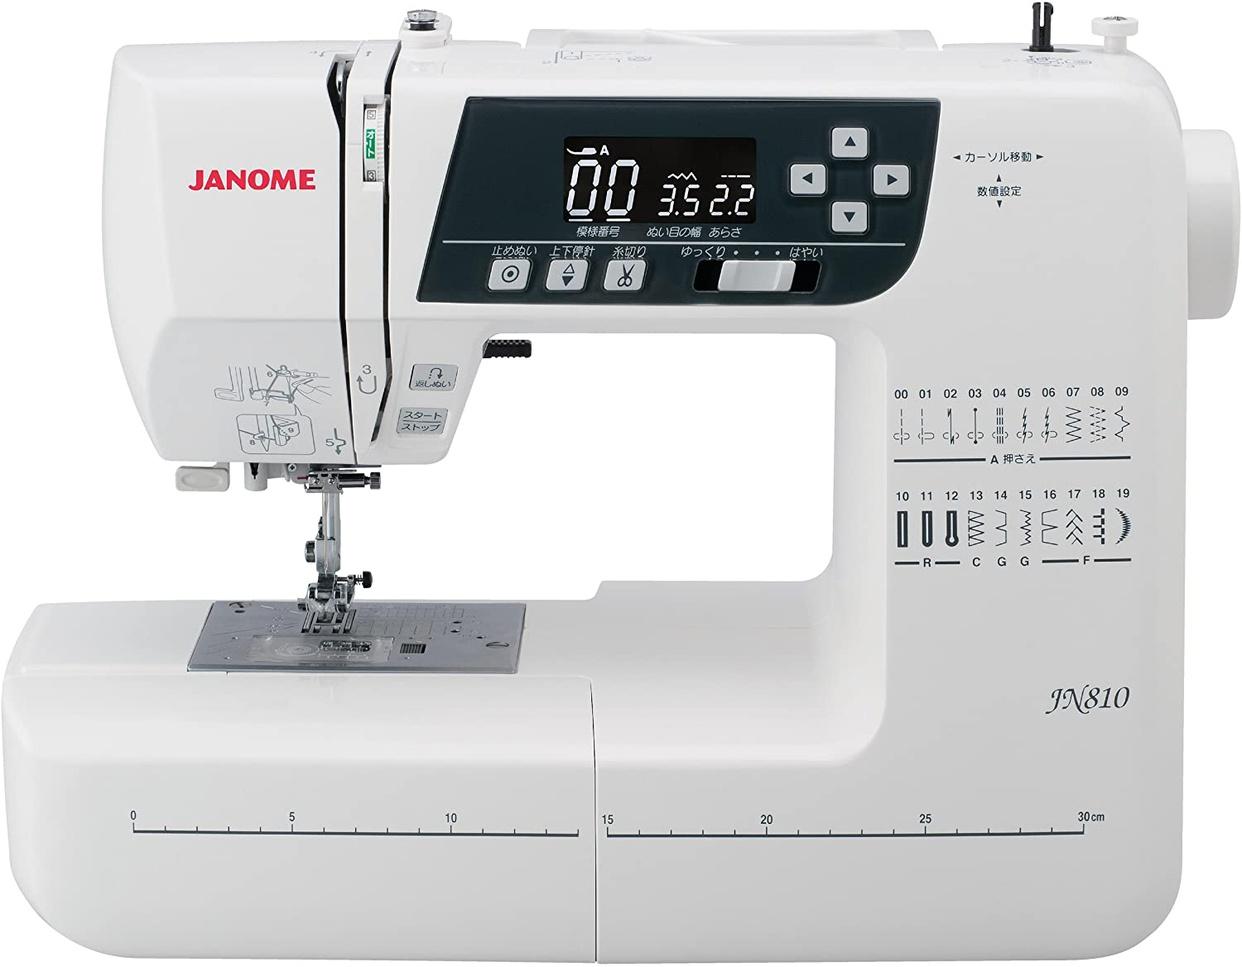 JANOME(ジャノメ) コンピュータミシン JN810の商品画像